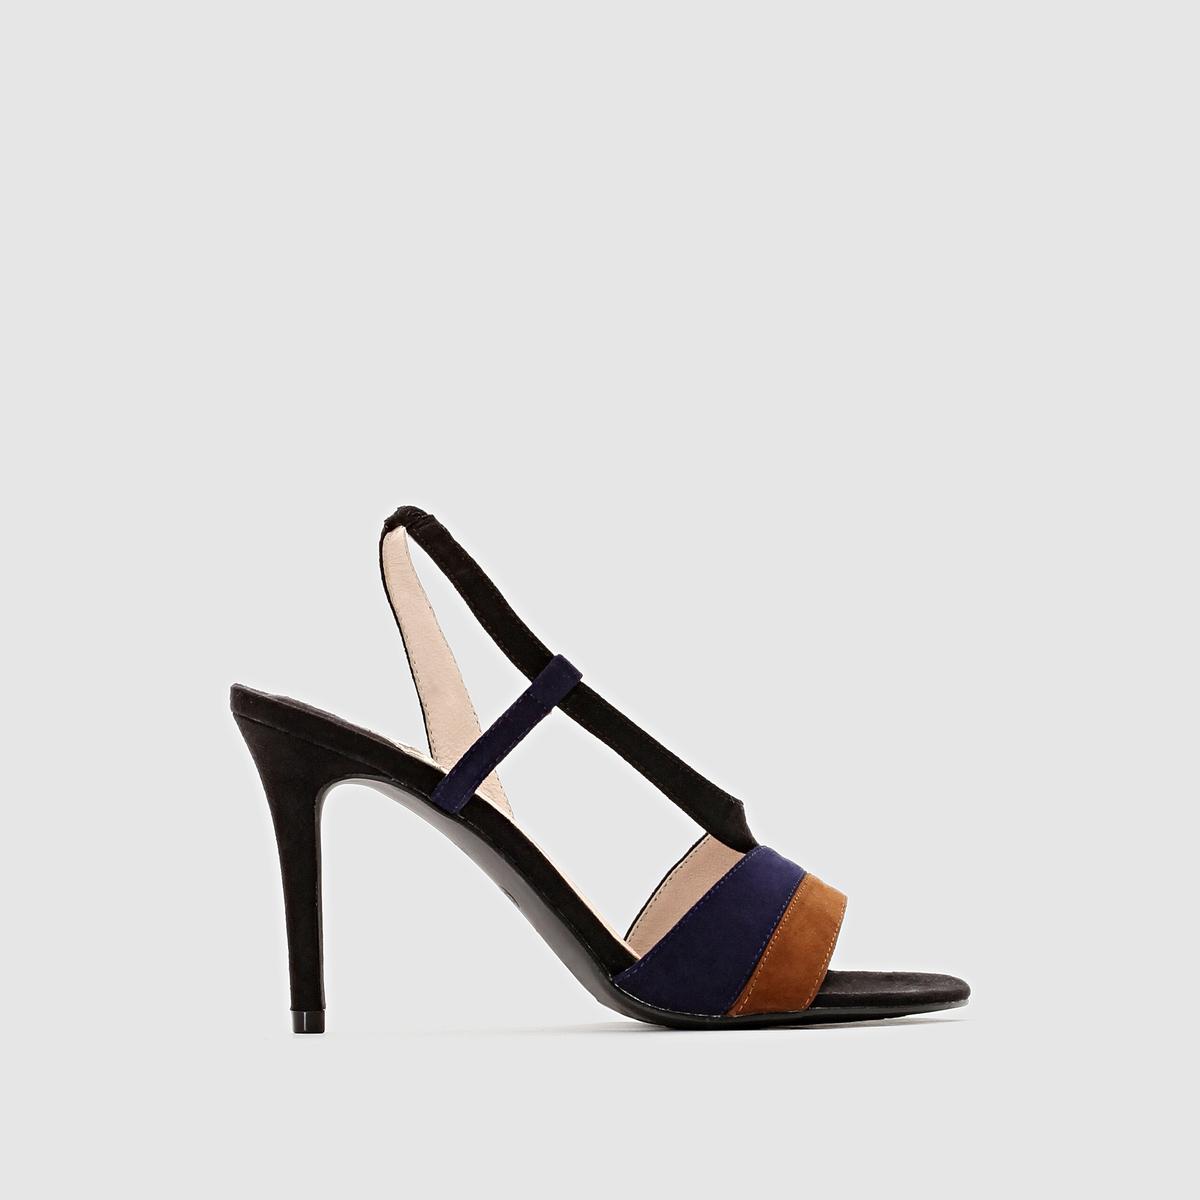 СандалииПодкладка : кожа.     Стелька : кожа+текстильПодошва : из эластомера     Высота каблука : 9 см     Преимущества : Эластичный, очень удобный ремешок       Мы советуем выбирать обувь на размер меньше, чем ваш обычный размер.<br><br>Цвет: бежевый,черный<br>Размер: 39.41.36.38.41